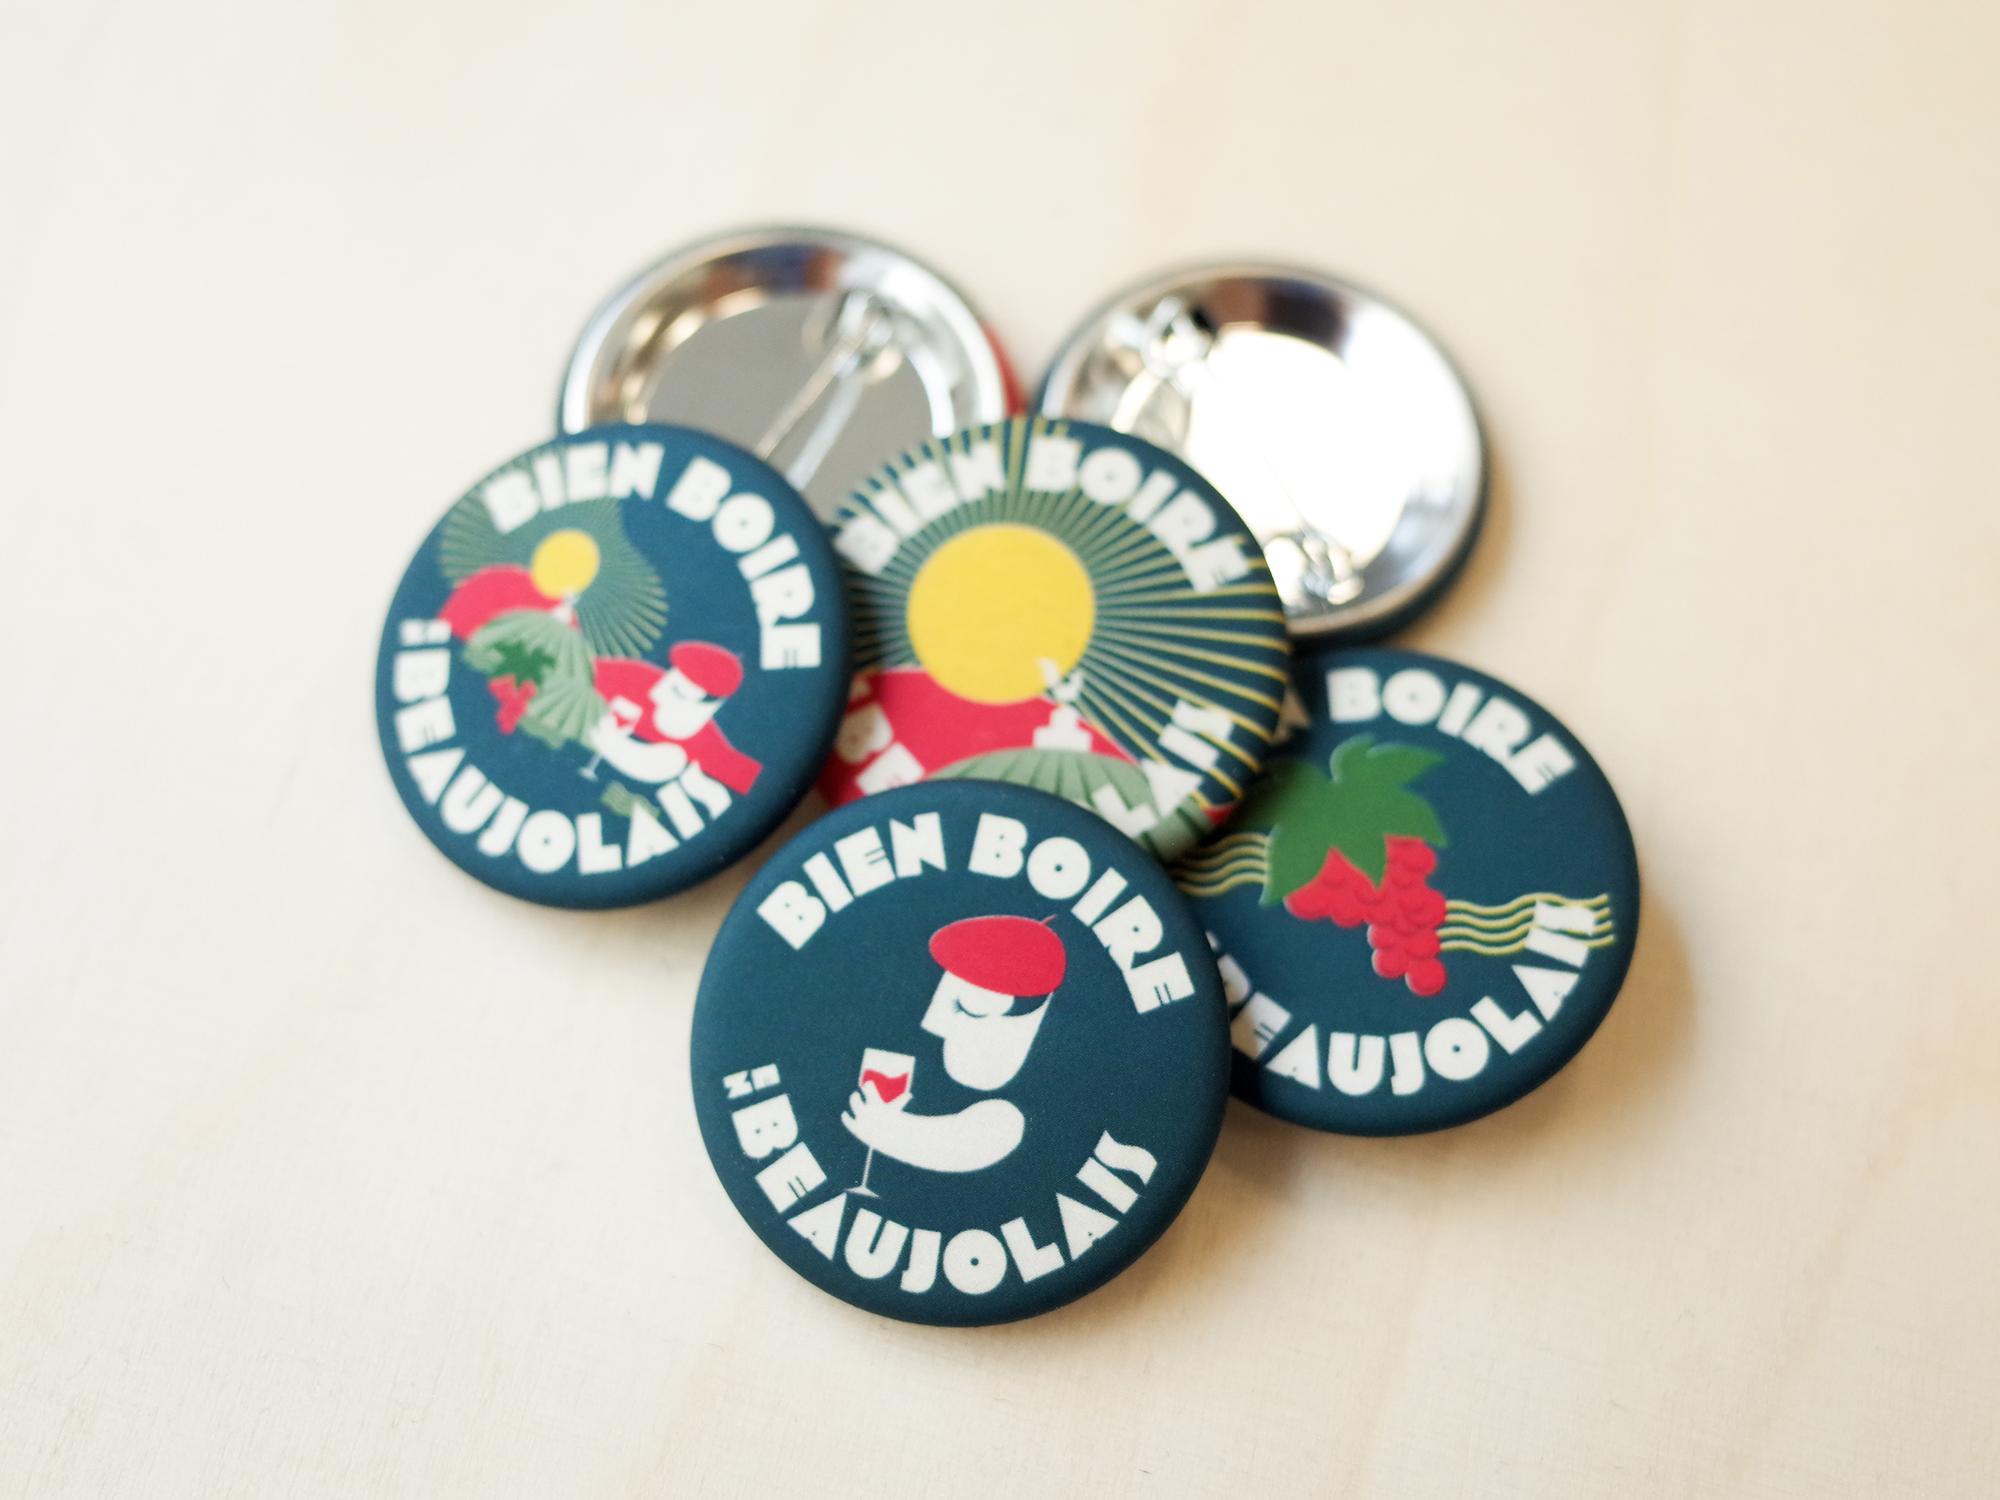 Modern City Badges Bien Boire en Beaujolais